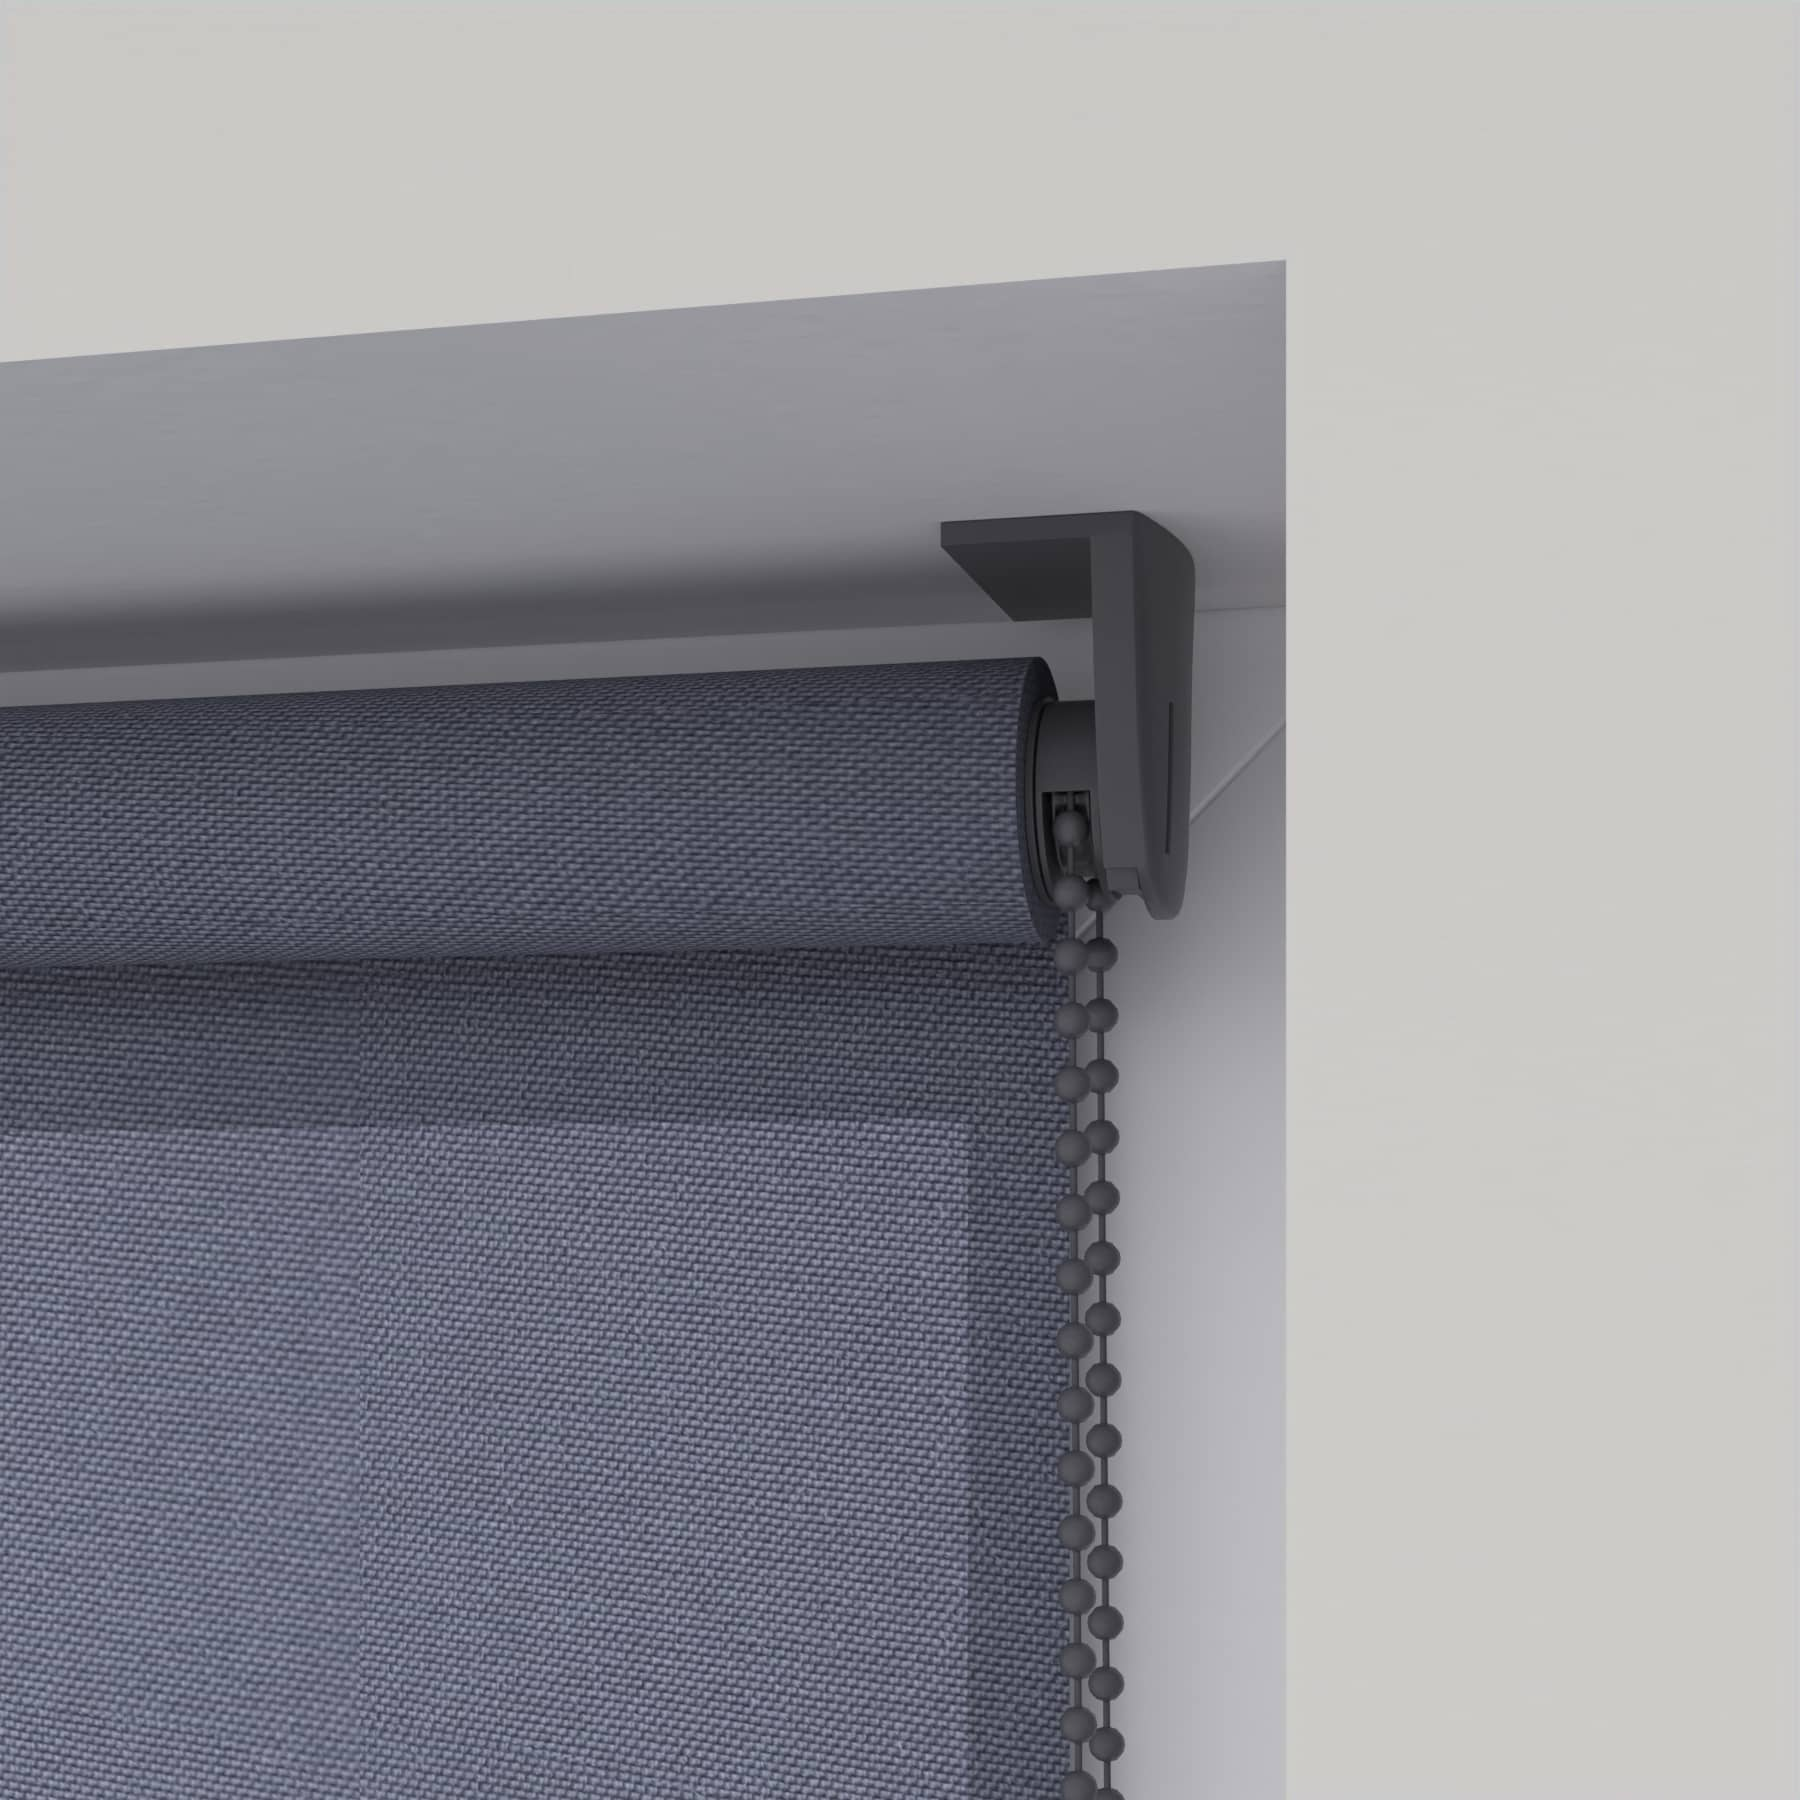 4Goodz Rolgordijn Lichtdoorlatend Easy 150x180 cm - Grijs